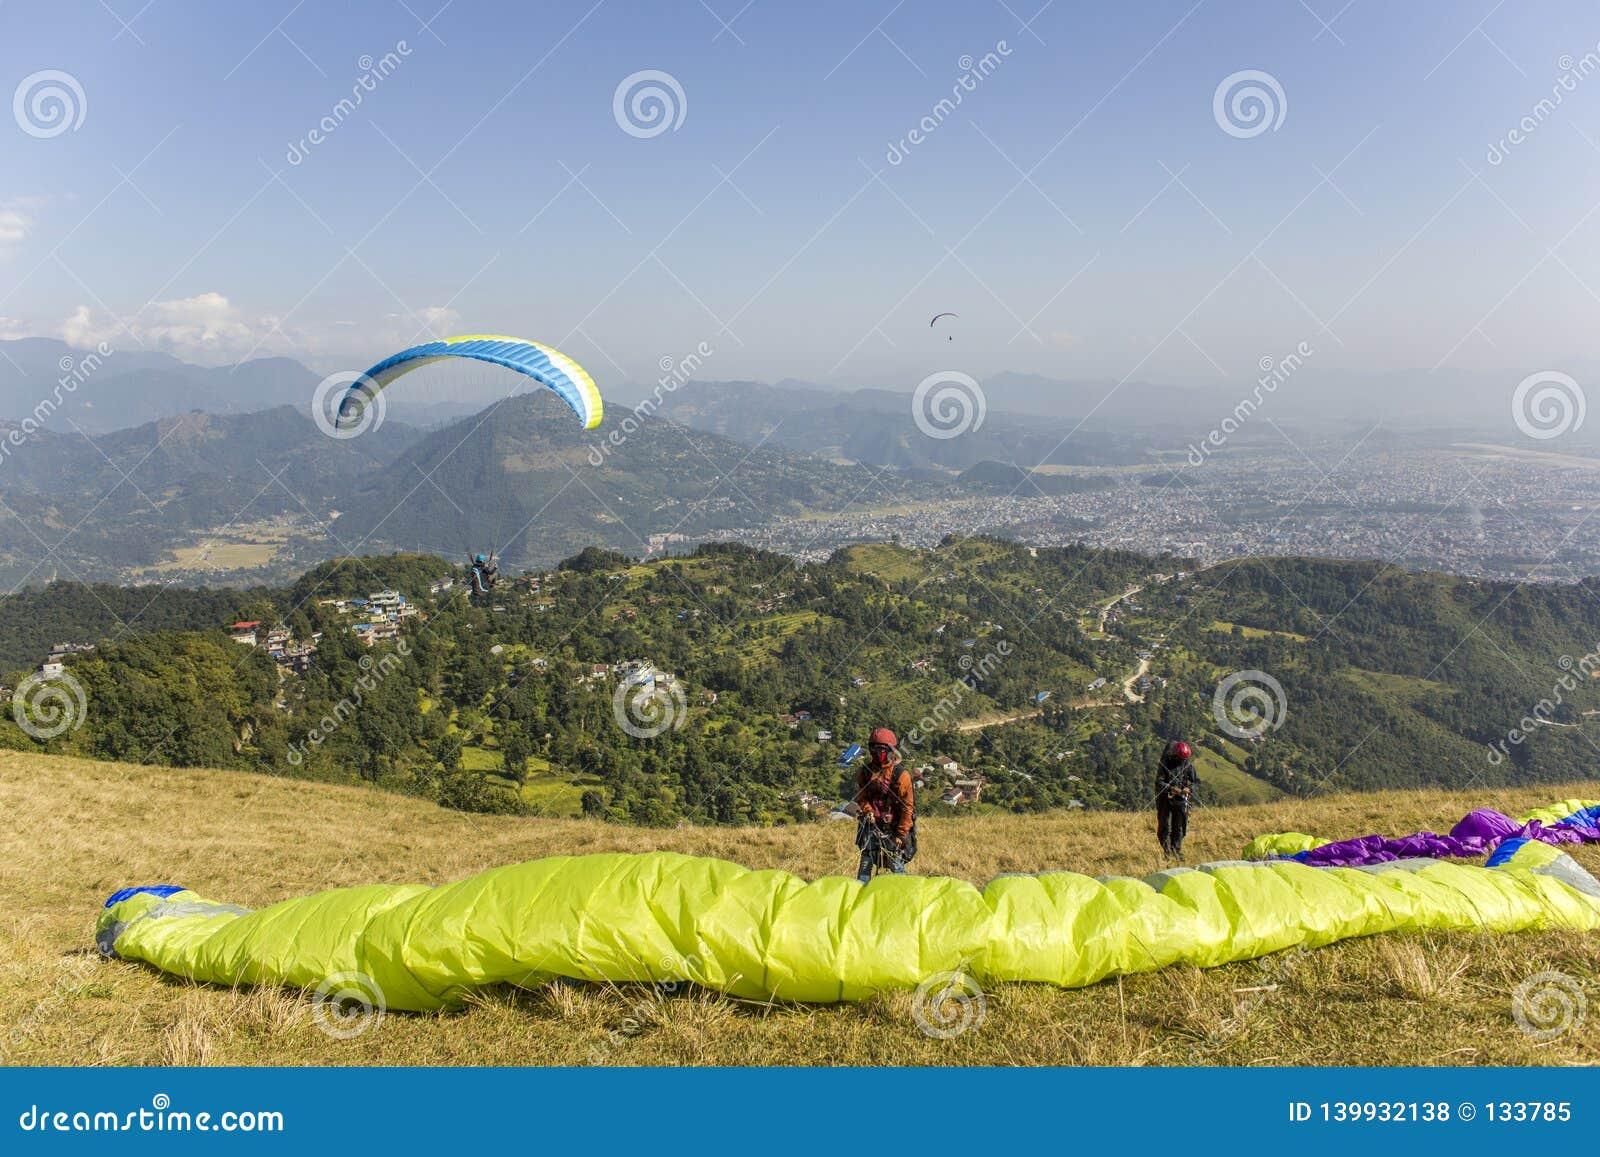 2 параплана на горном склоне перед принимать против фона долины горы и летать